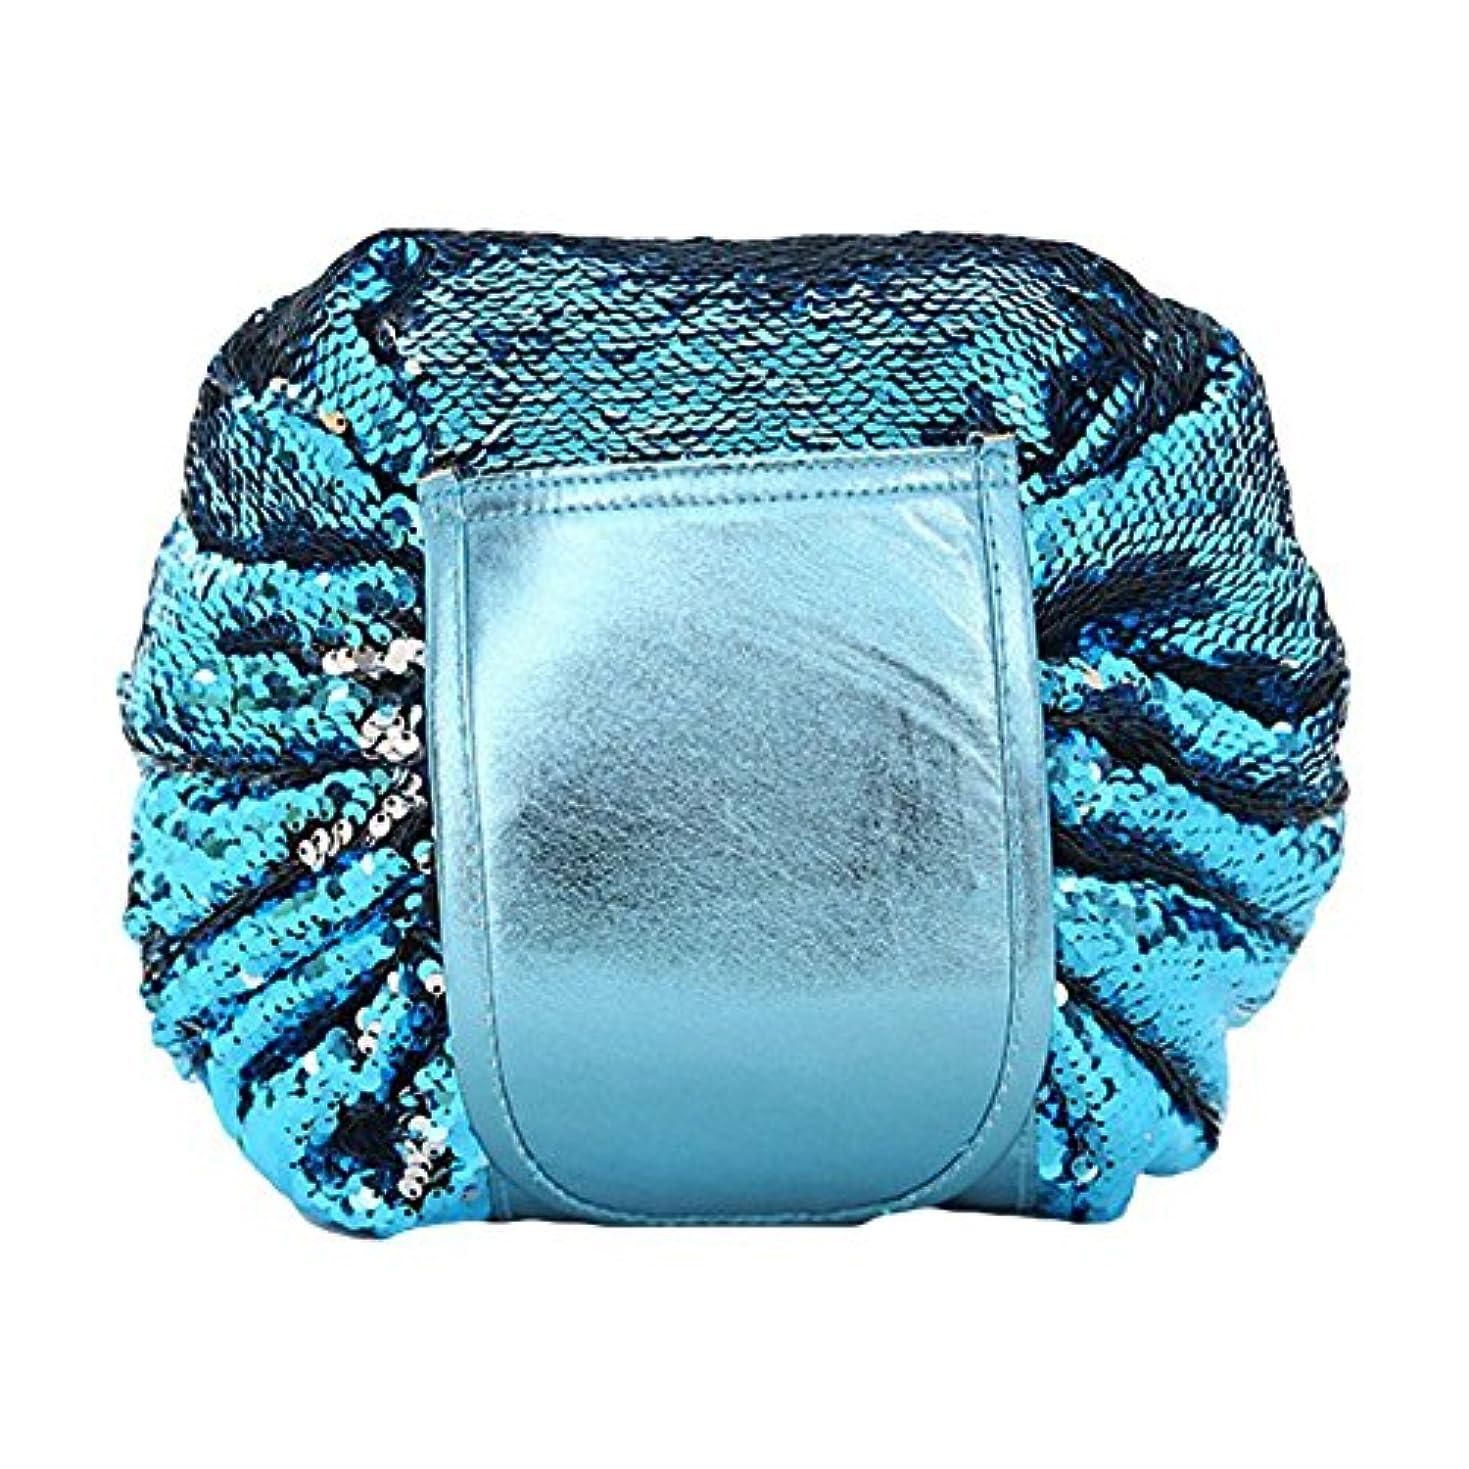 脳自治消毒するDJHbuy 旅行用 スパンコール 化粧ポーチ 大容量 巾着 便利 化粧品収納バッグ